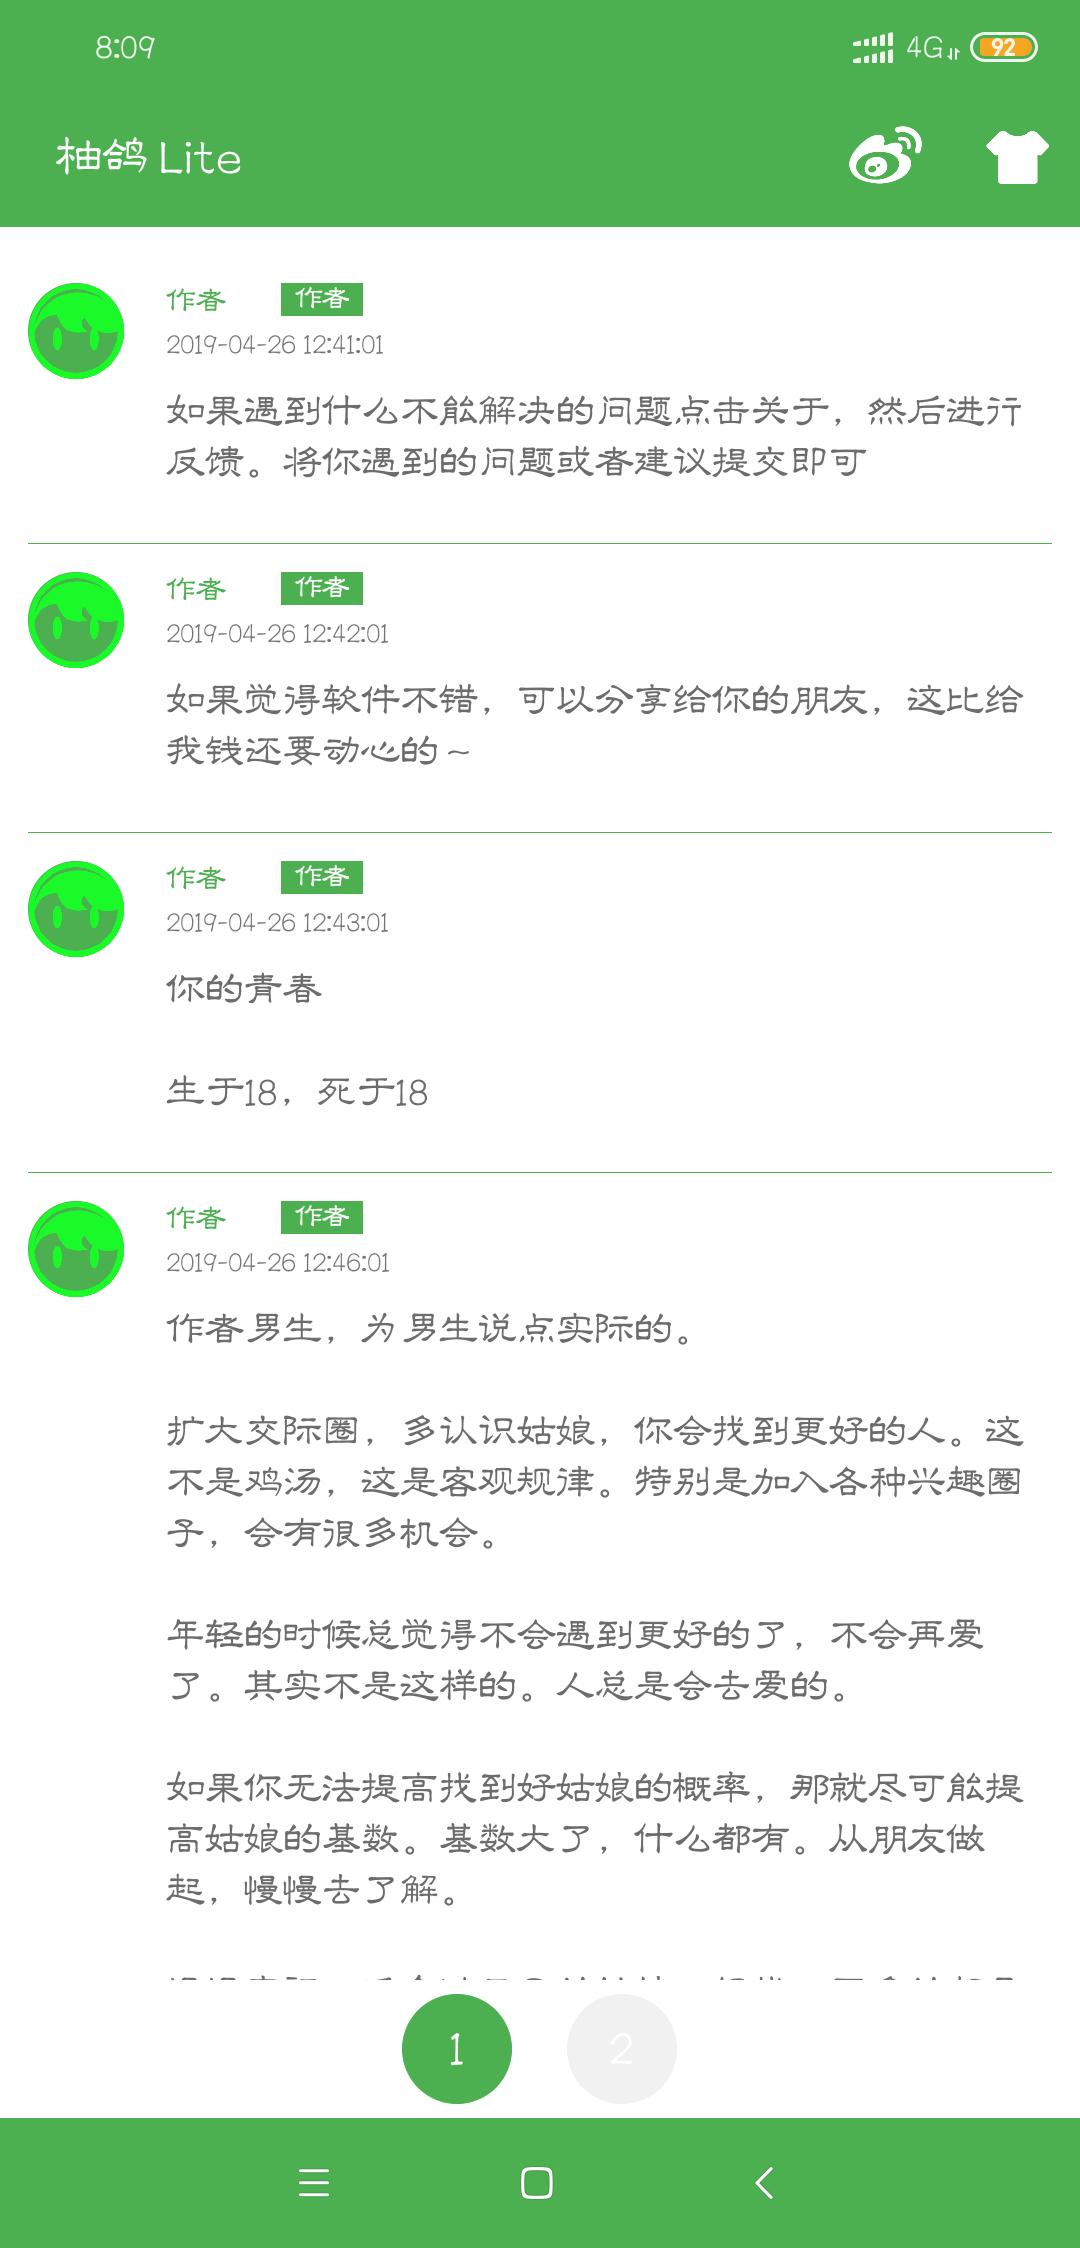 【原创首发】实用工具箱v1.0 安全绿色无毒-100tui.cn